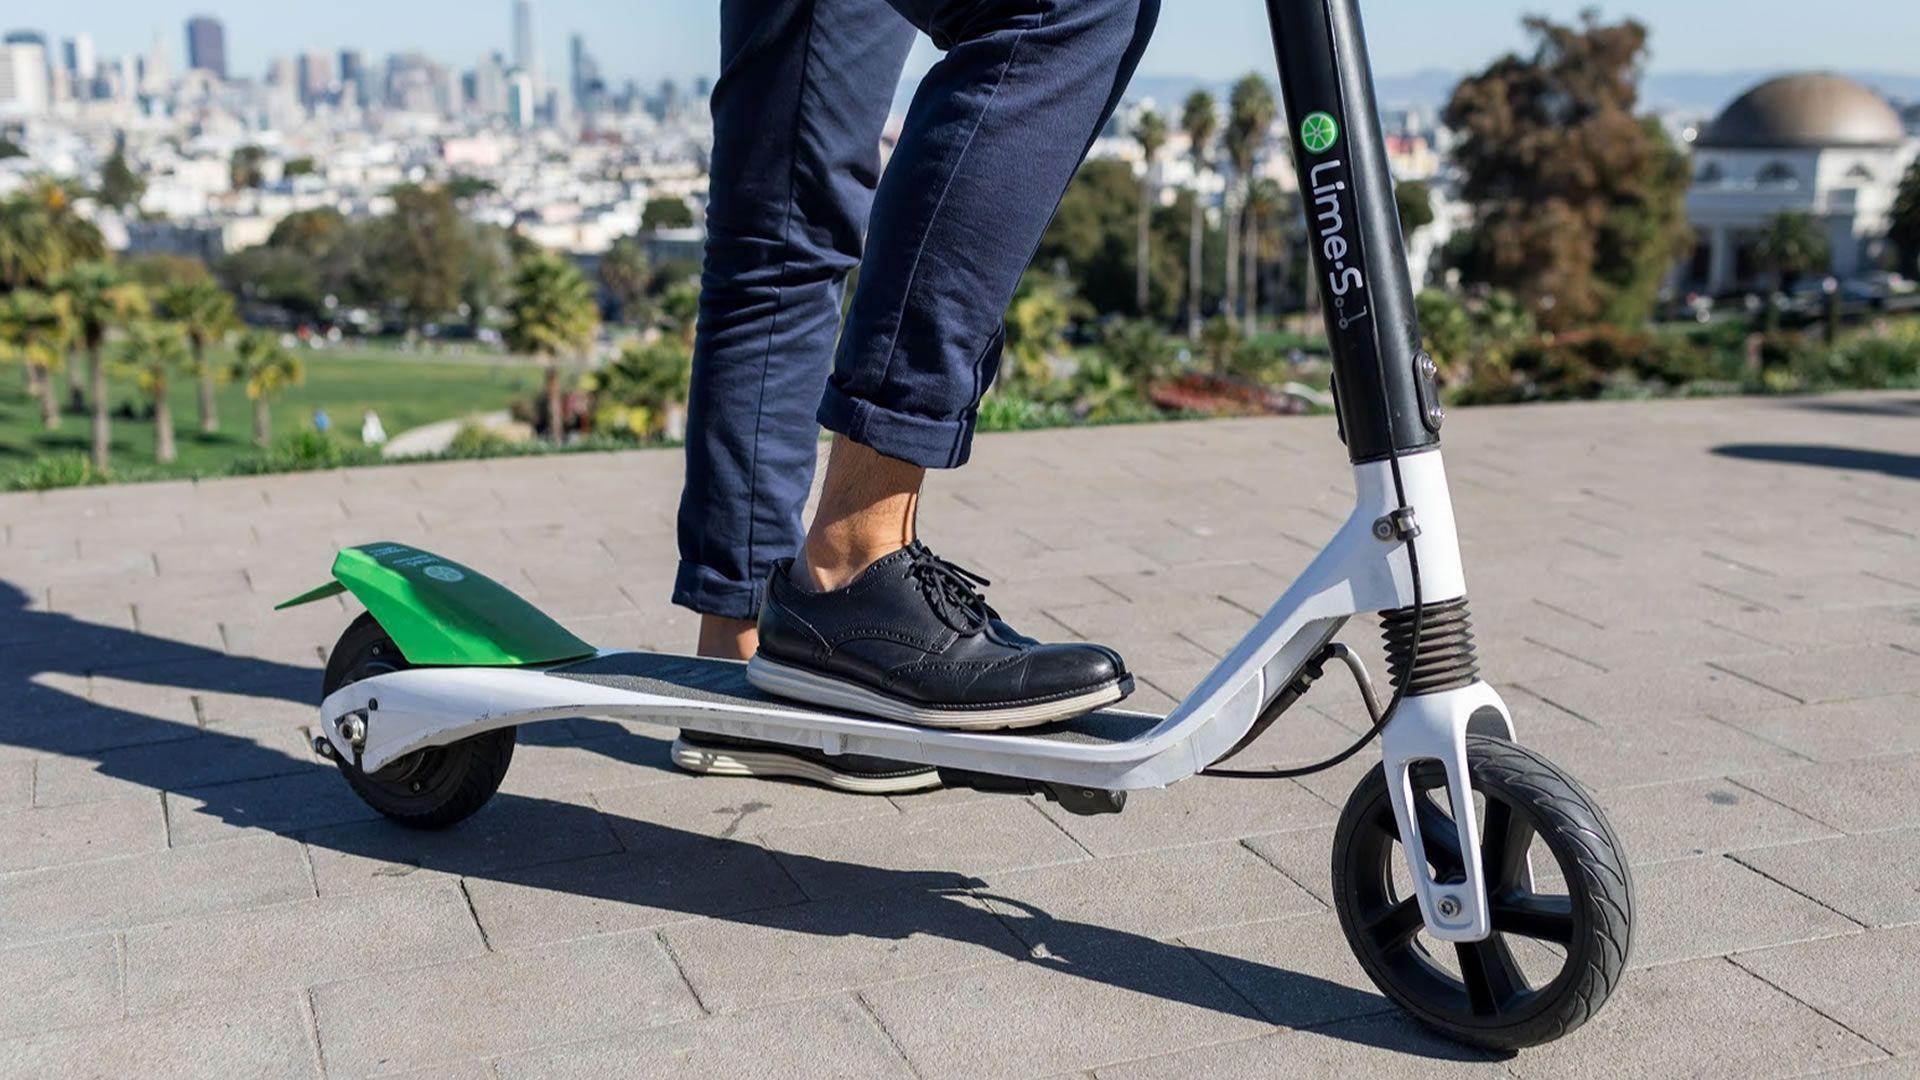 Este scooter eléctrico podría ser la movilidad en nuestro próximo viaje